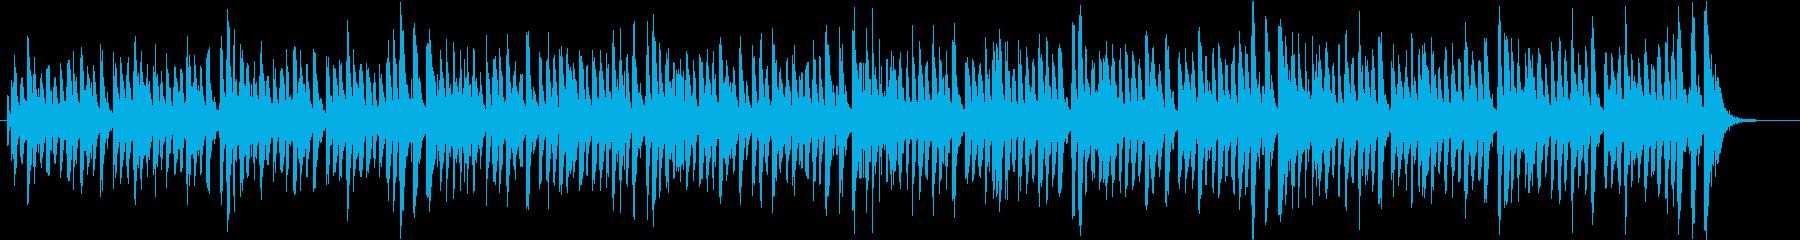 コミカルでポップなルンバ調のジングルの再生済みの波形